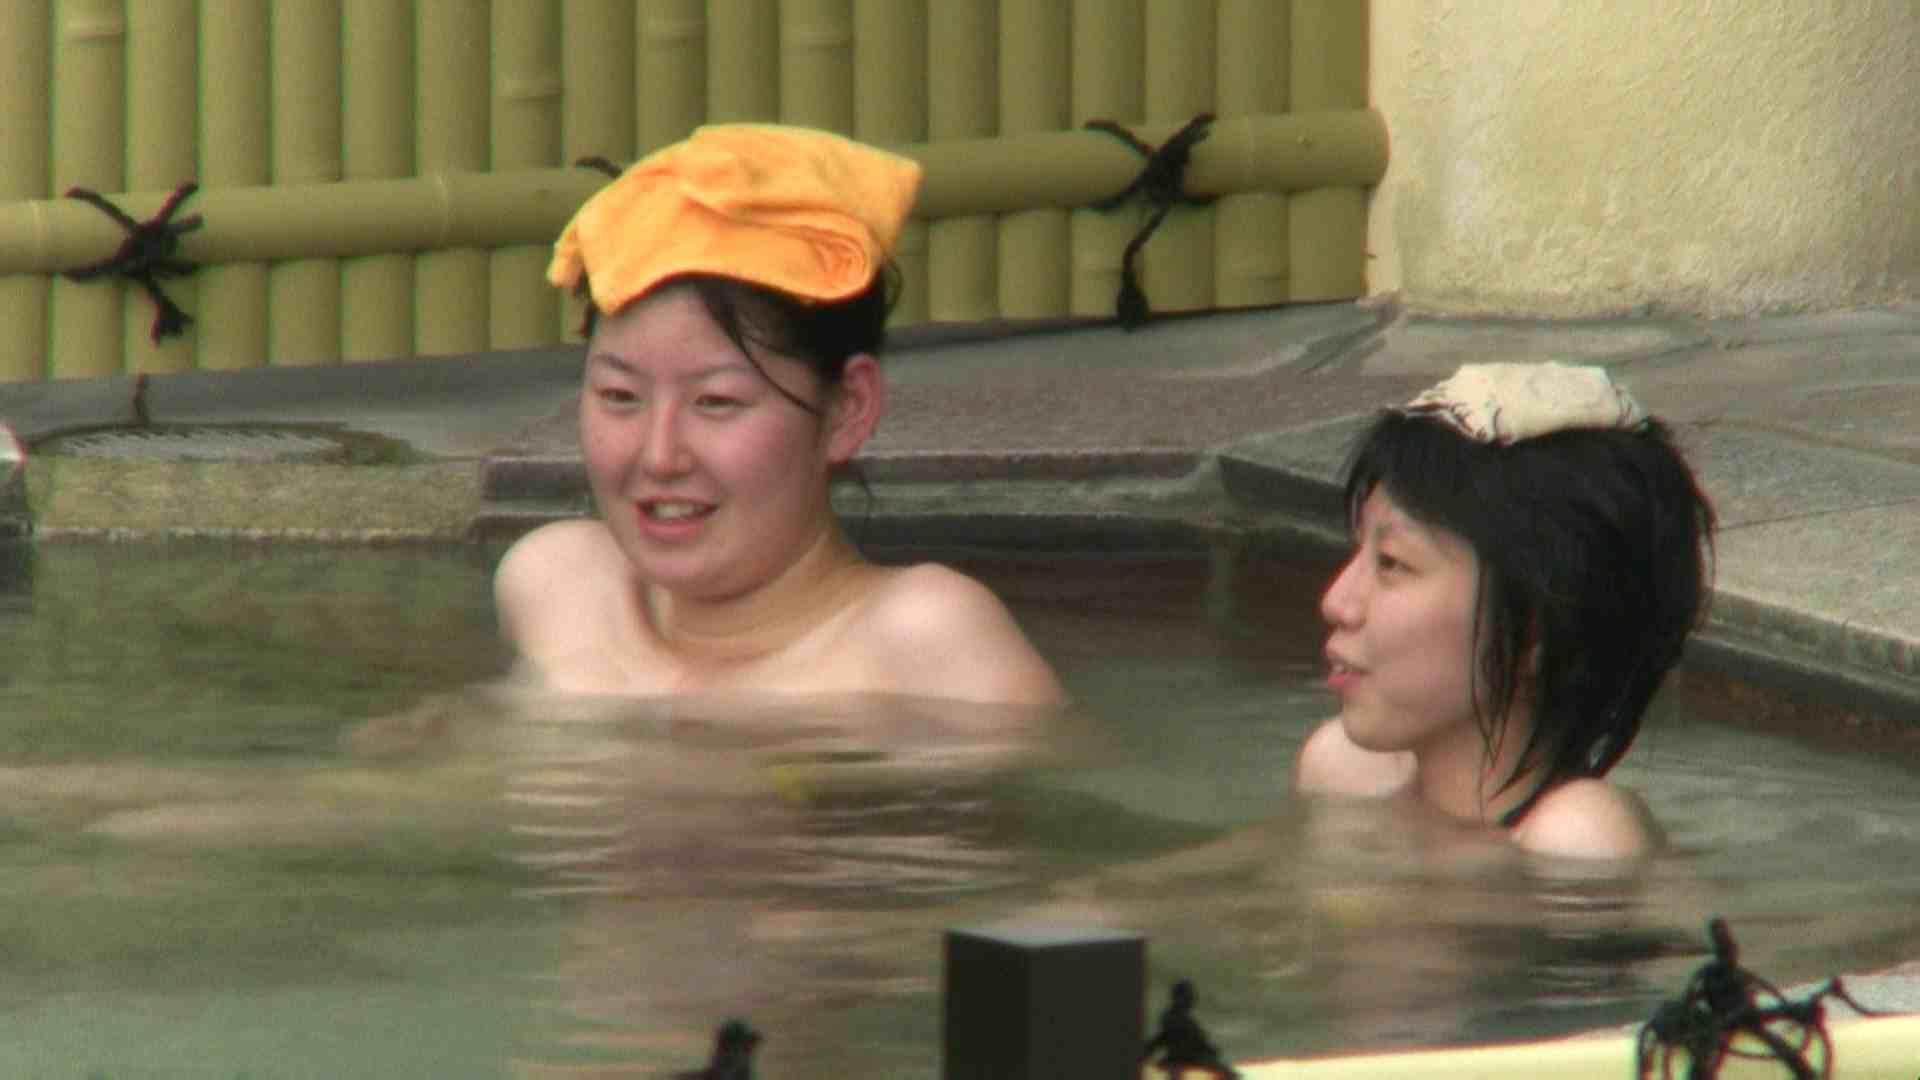 Aquaな露天風呂Vol.68【VIP限定】 0  68pic 34